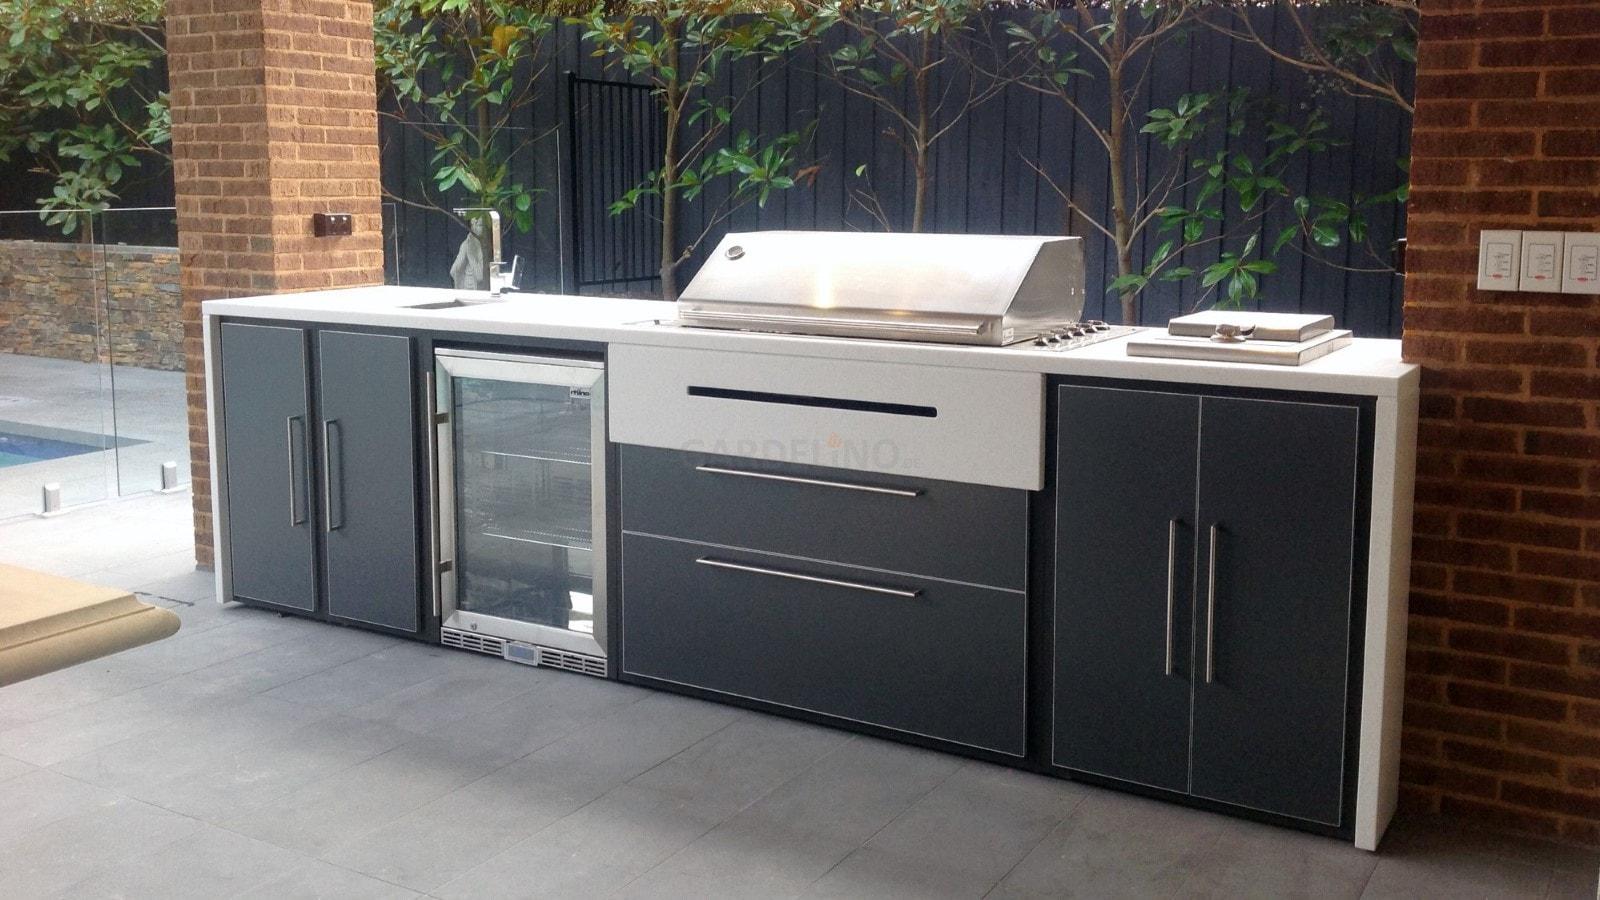 Outdoor Küchen Module : Gabionen outdoor küche outdoor küche modul arbeitsfläche schmal